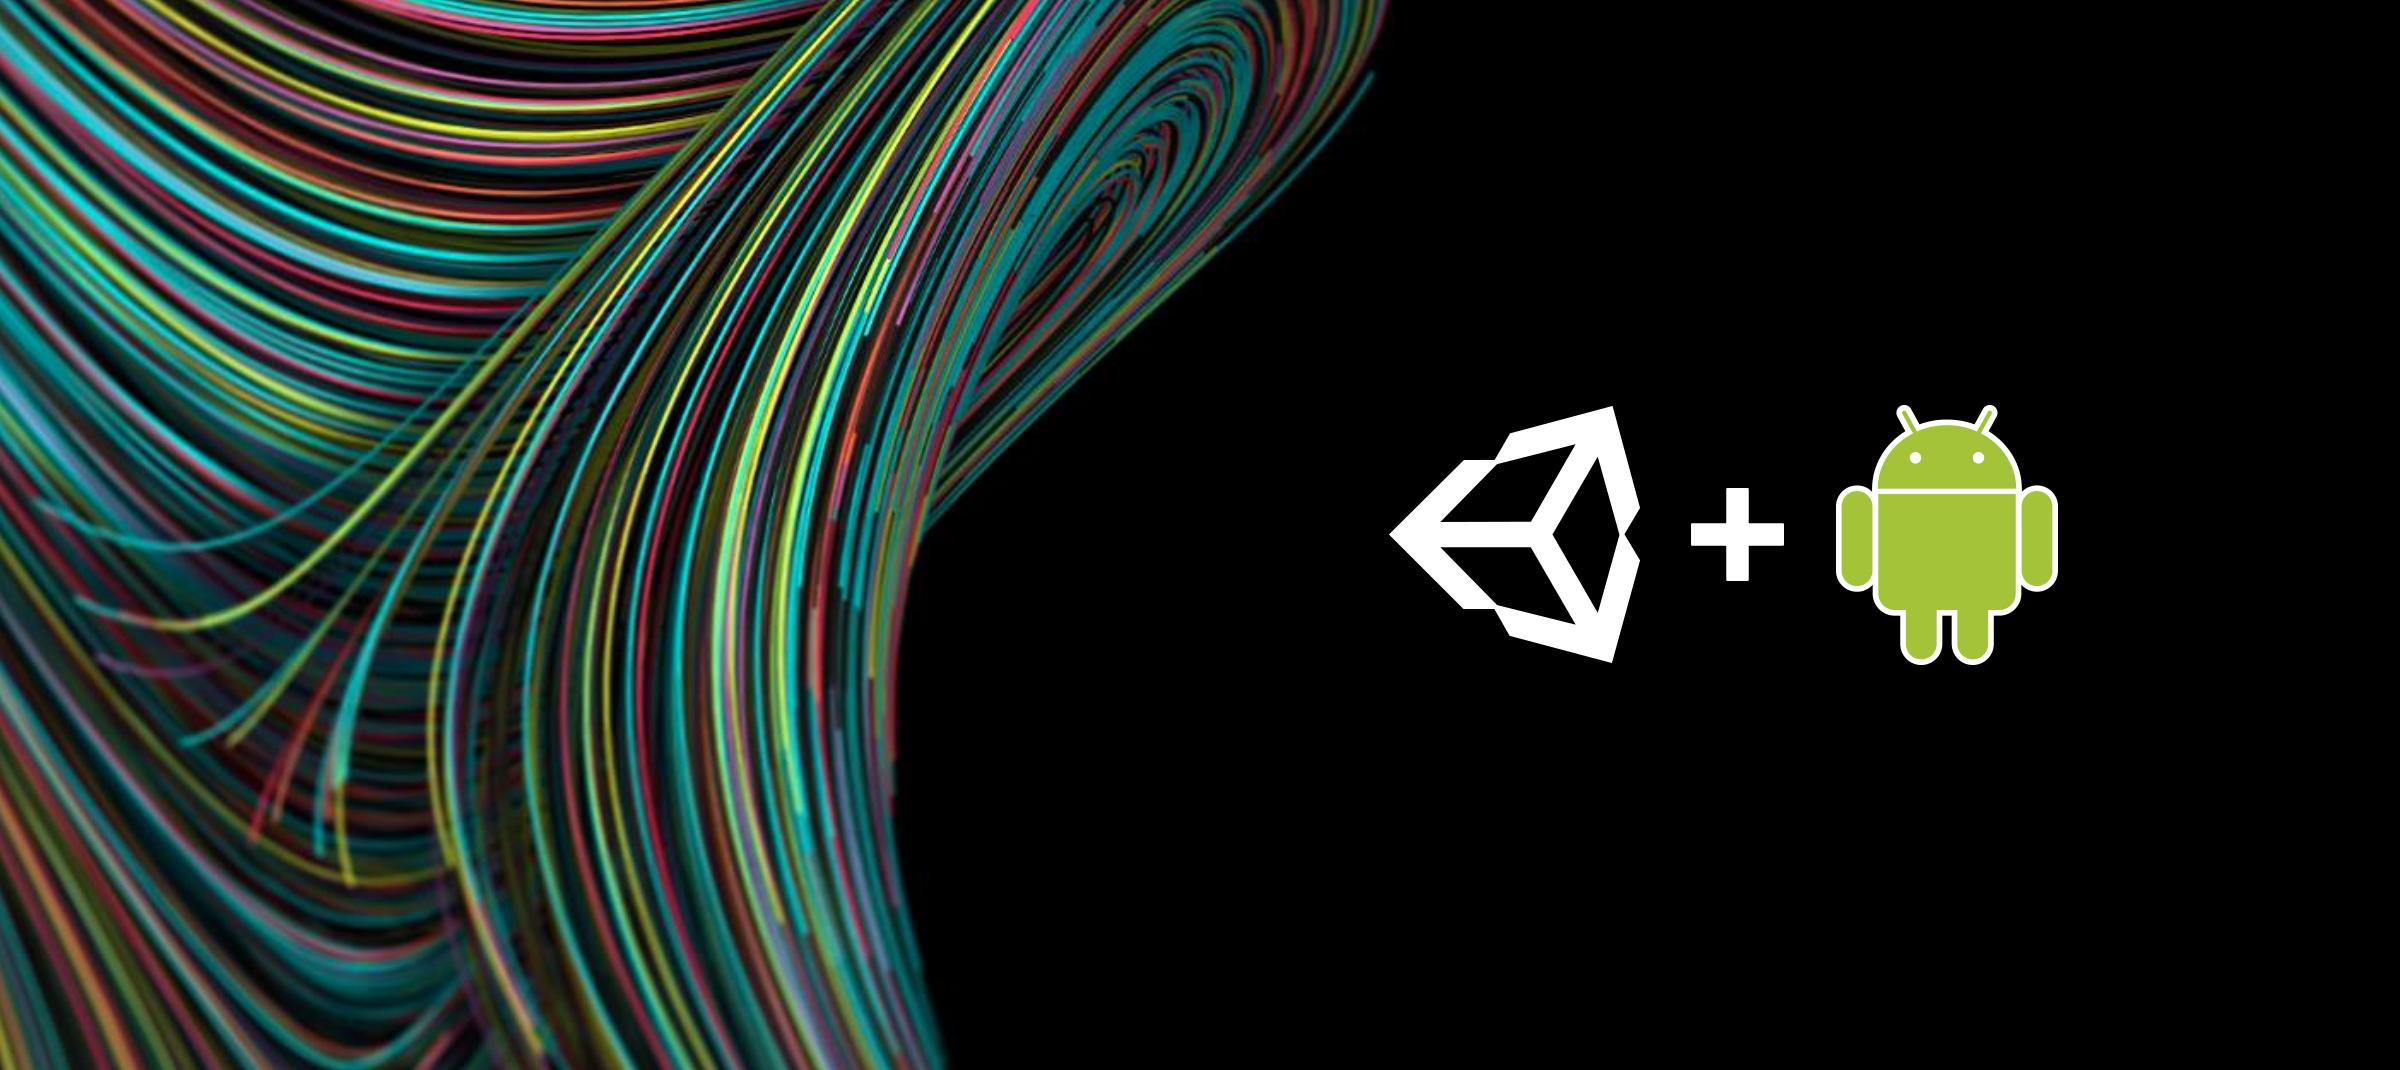 Пишем плагин для Unity правильно. Часть 2: Android